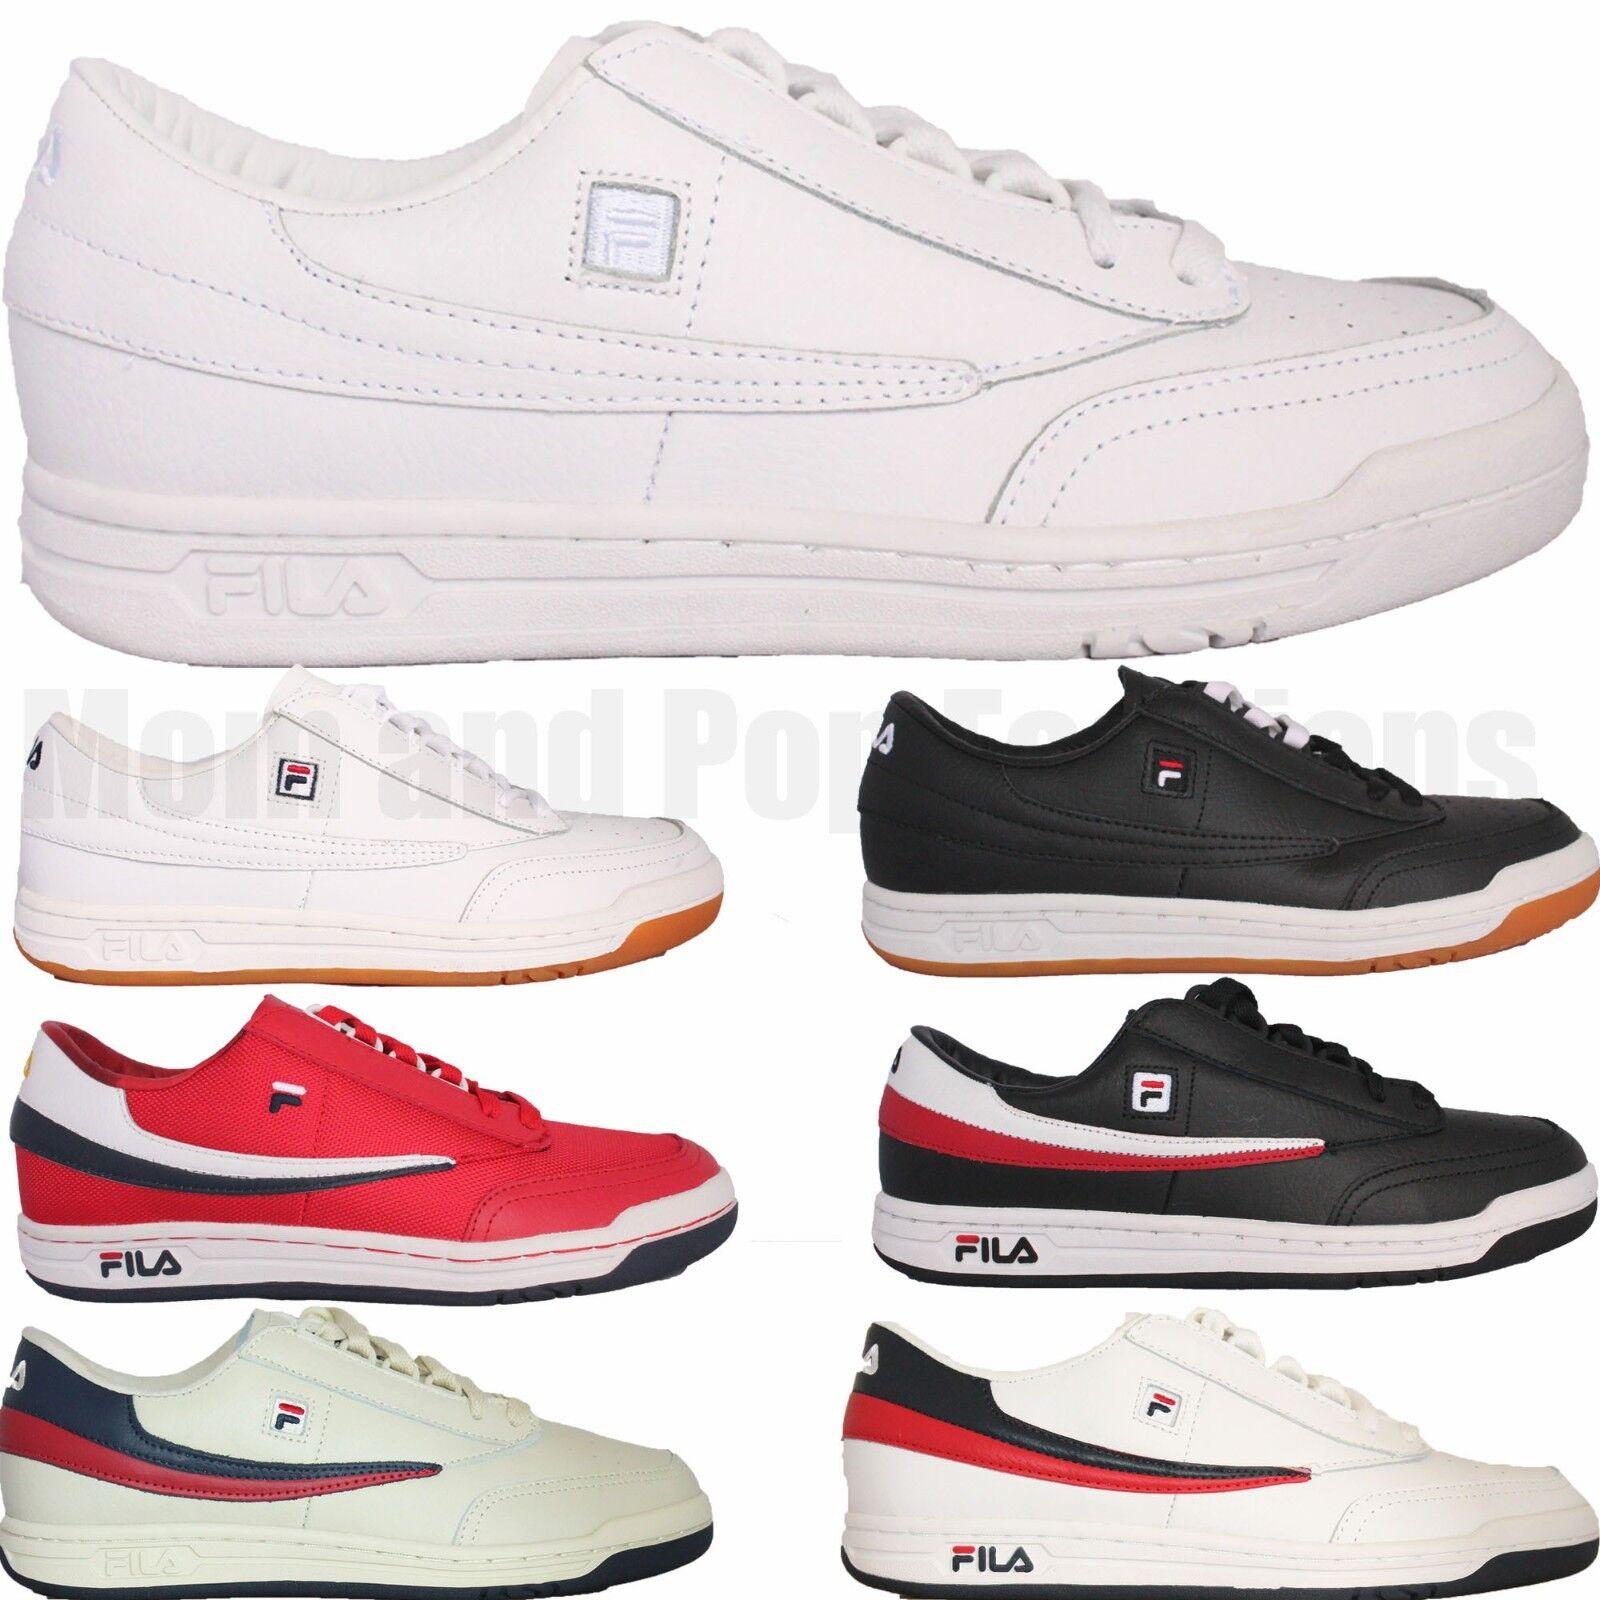 Hombre fila original tenis de zapatos atleticos Goma casual zapatillas Blanco Negro Goma atleticos rojo f0f25a